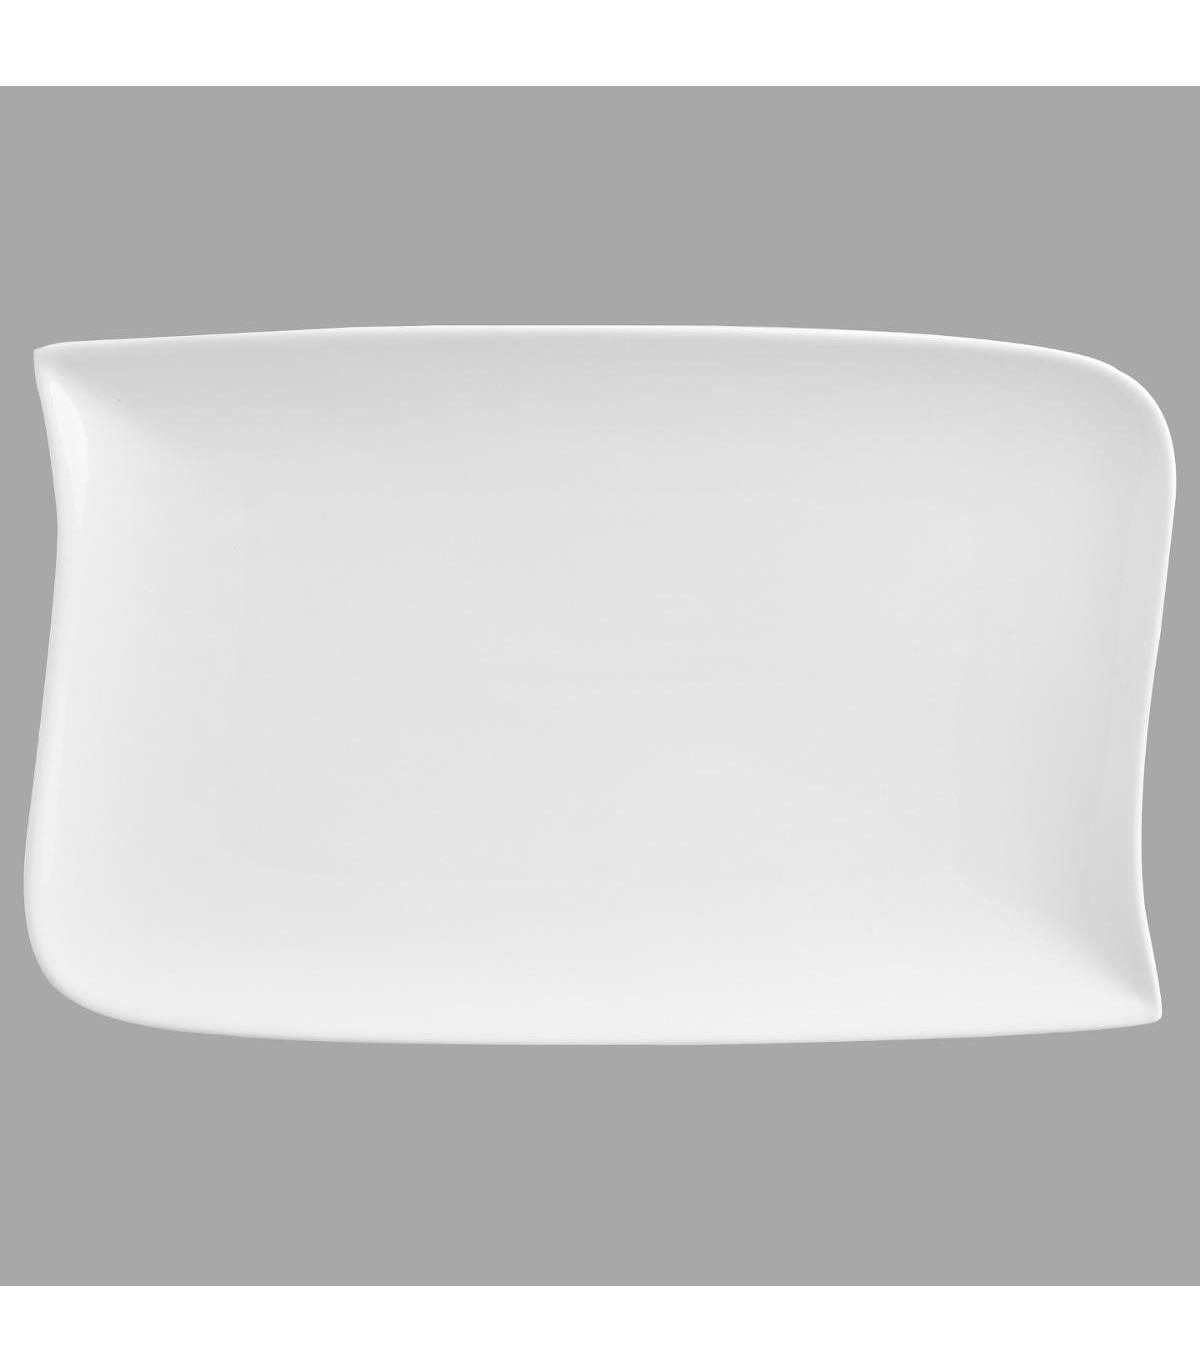 Assiette plate RECTANGLE VAGUE 28X18CM